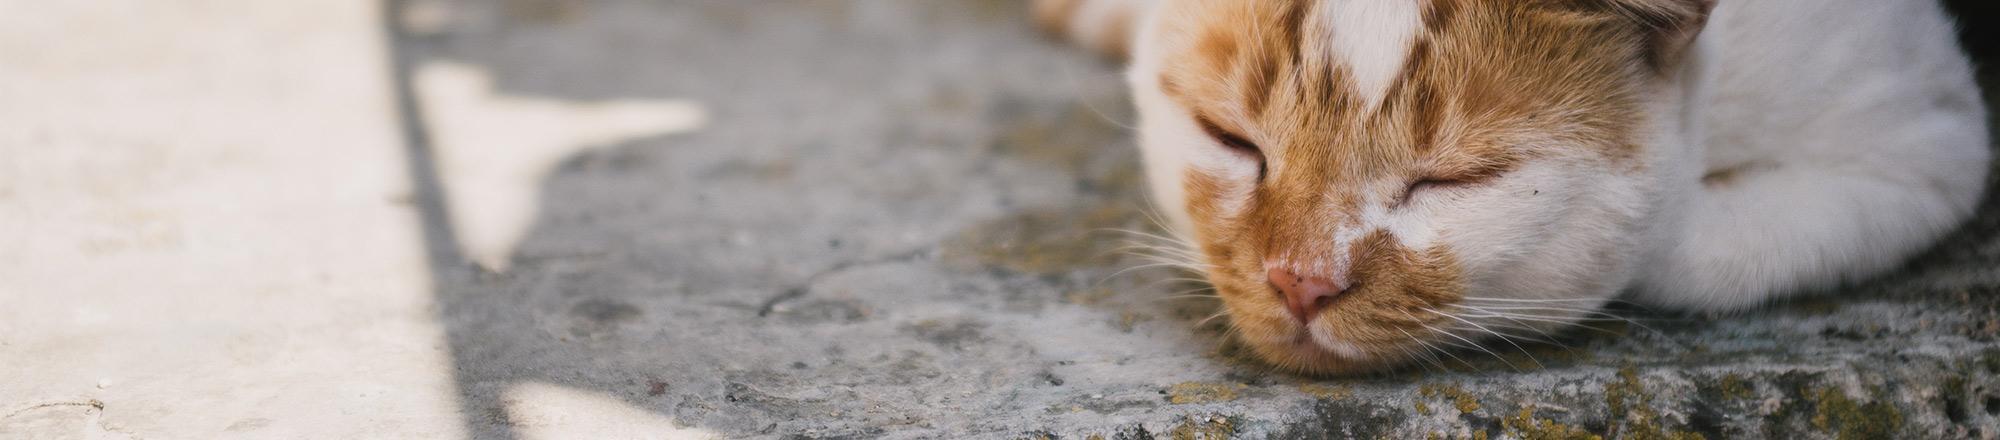 Kat bij warm weer